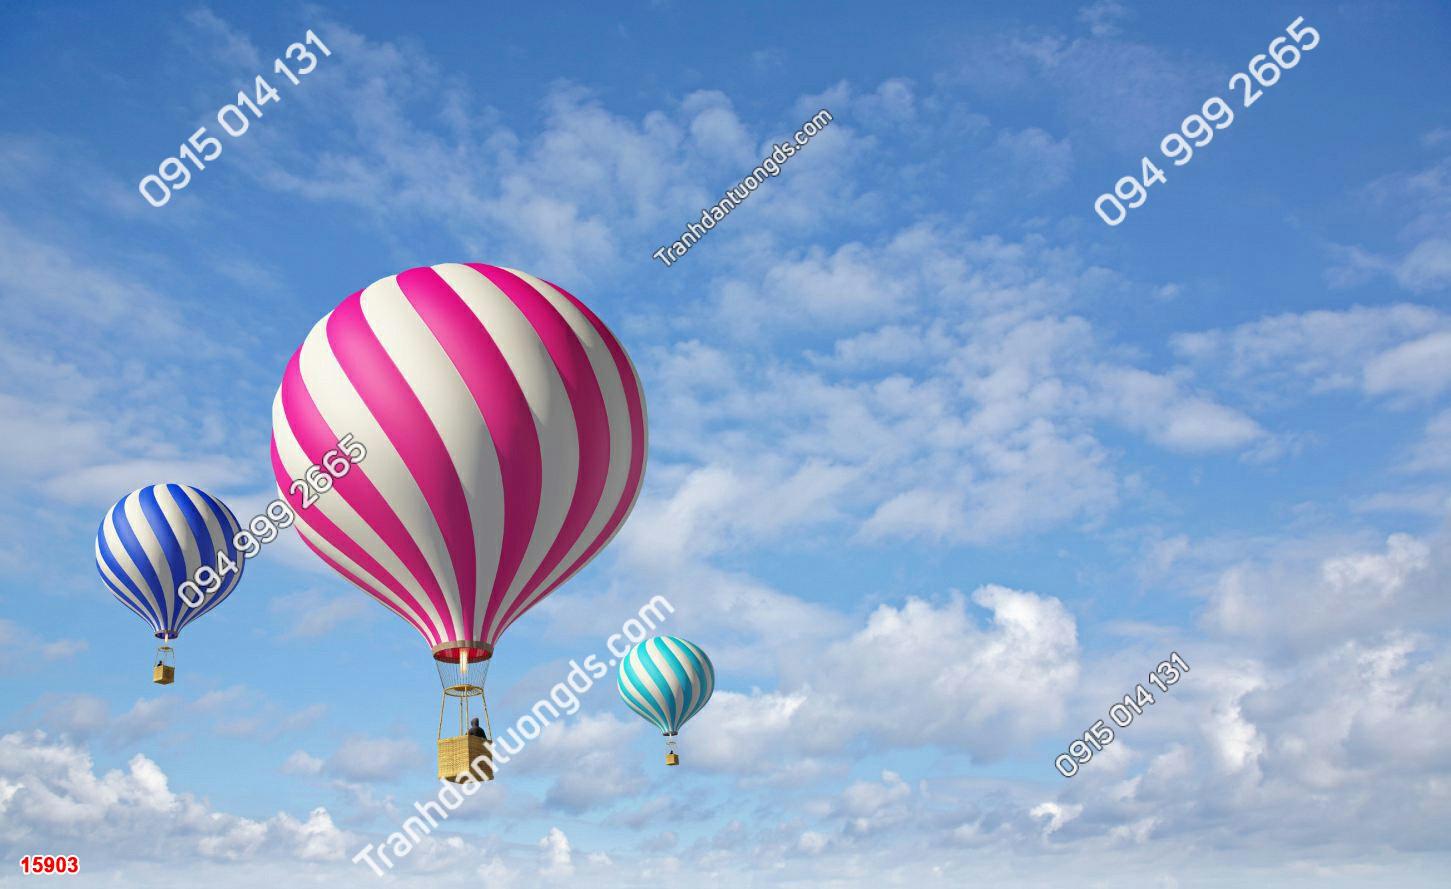 Tranh dán trần mây và khinh khí cầu - 15903 DEMO